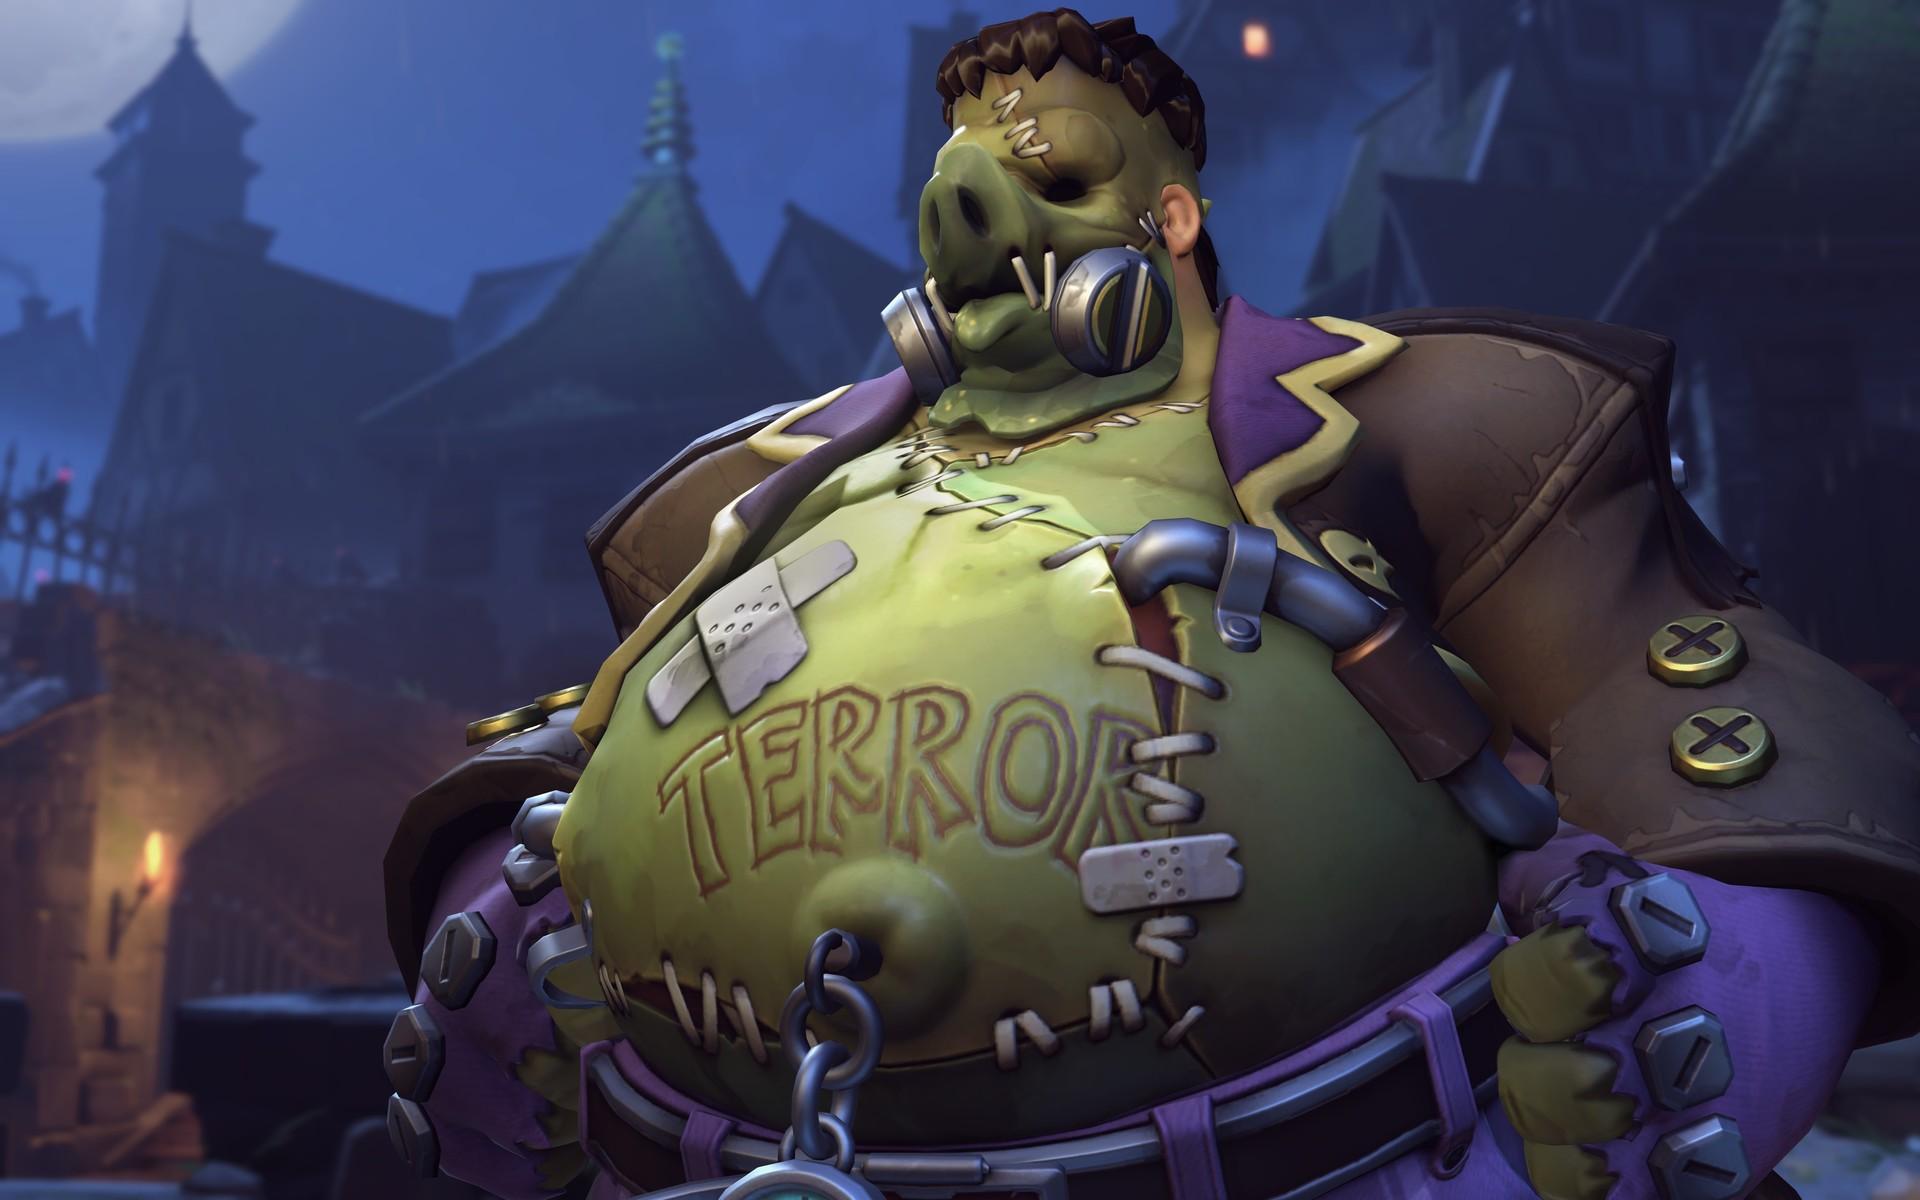 ArtStation - Overwatch Halloween Terror Skins, Airborn Studios